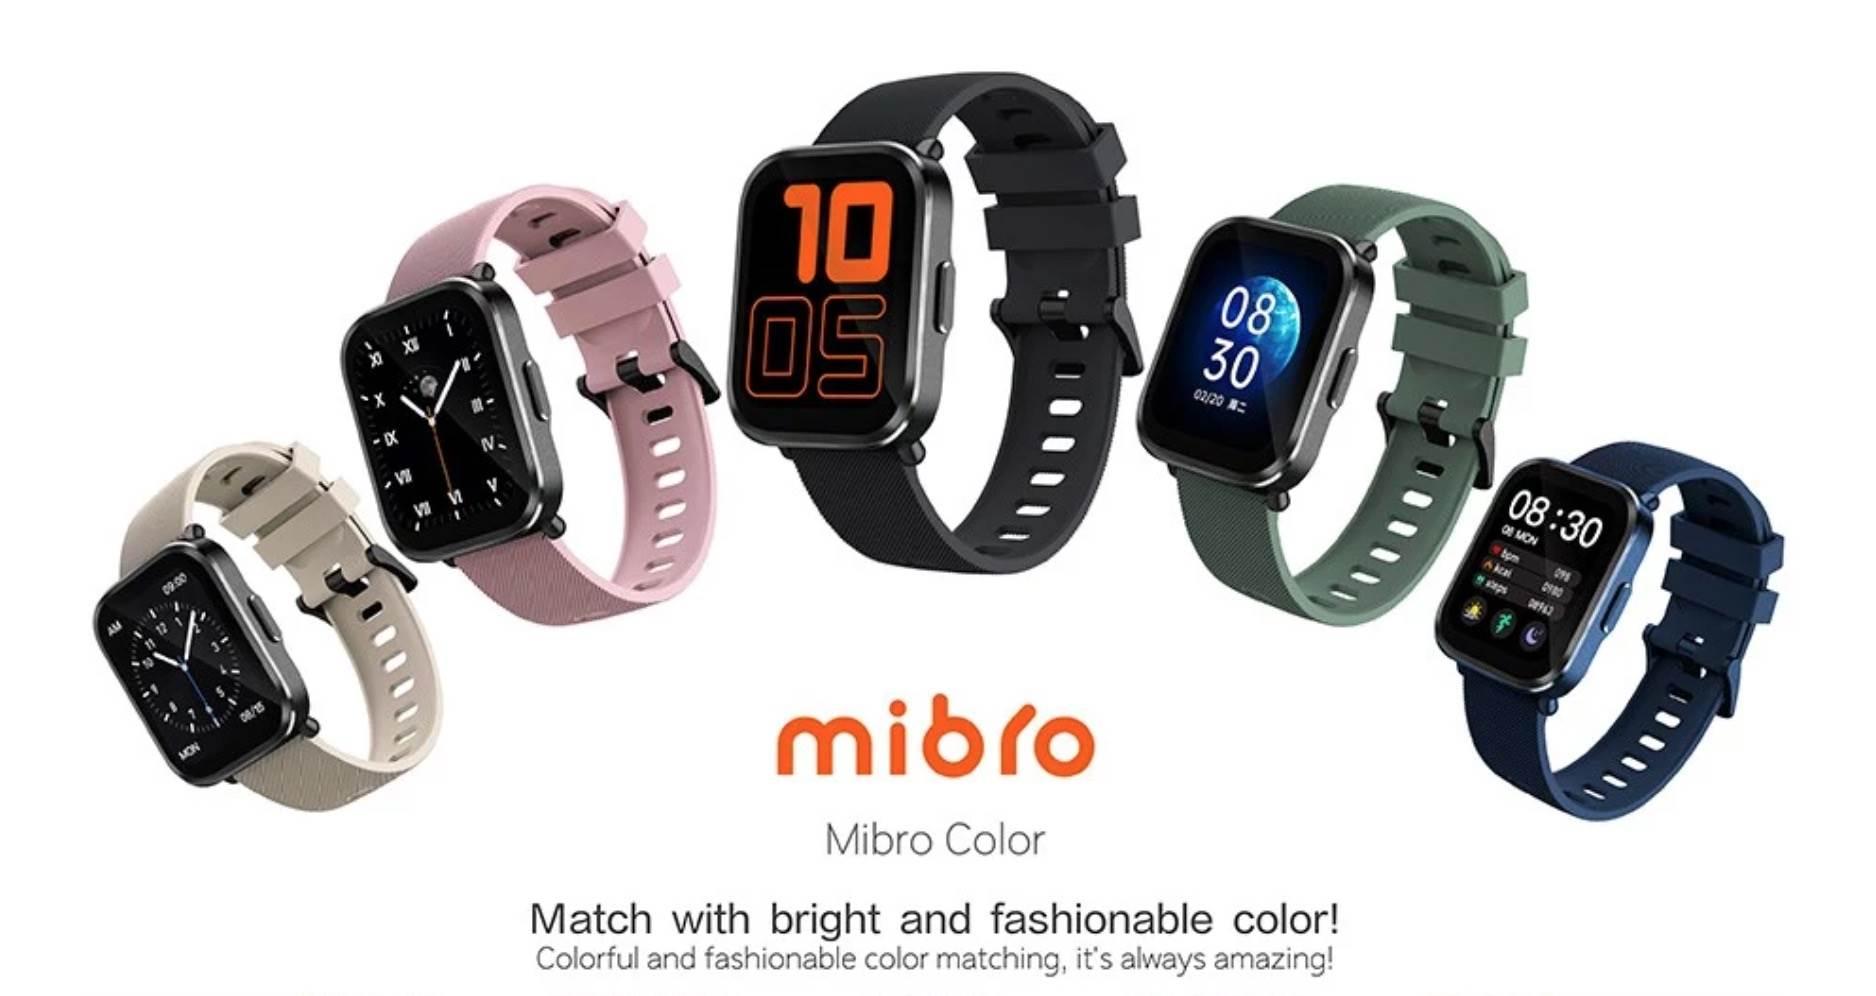 Mibro - tani, sportowy smartwatch z 15 trybami sportowymi ciekawostki tani smartwatch, smartwatch w niskiej cenie, promcja, Mibro XPAW002, dobry i tani smartwatch  Szukacie fajnego i taniego SmartWatcha, który będzie śledzić Waszą aktywność? Jeśli tak to tamy dla Was coś bardzo fajnego - Mibro XPAW002. 1@2x